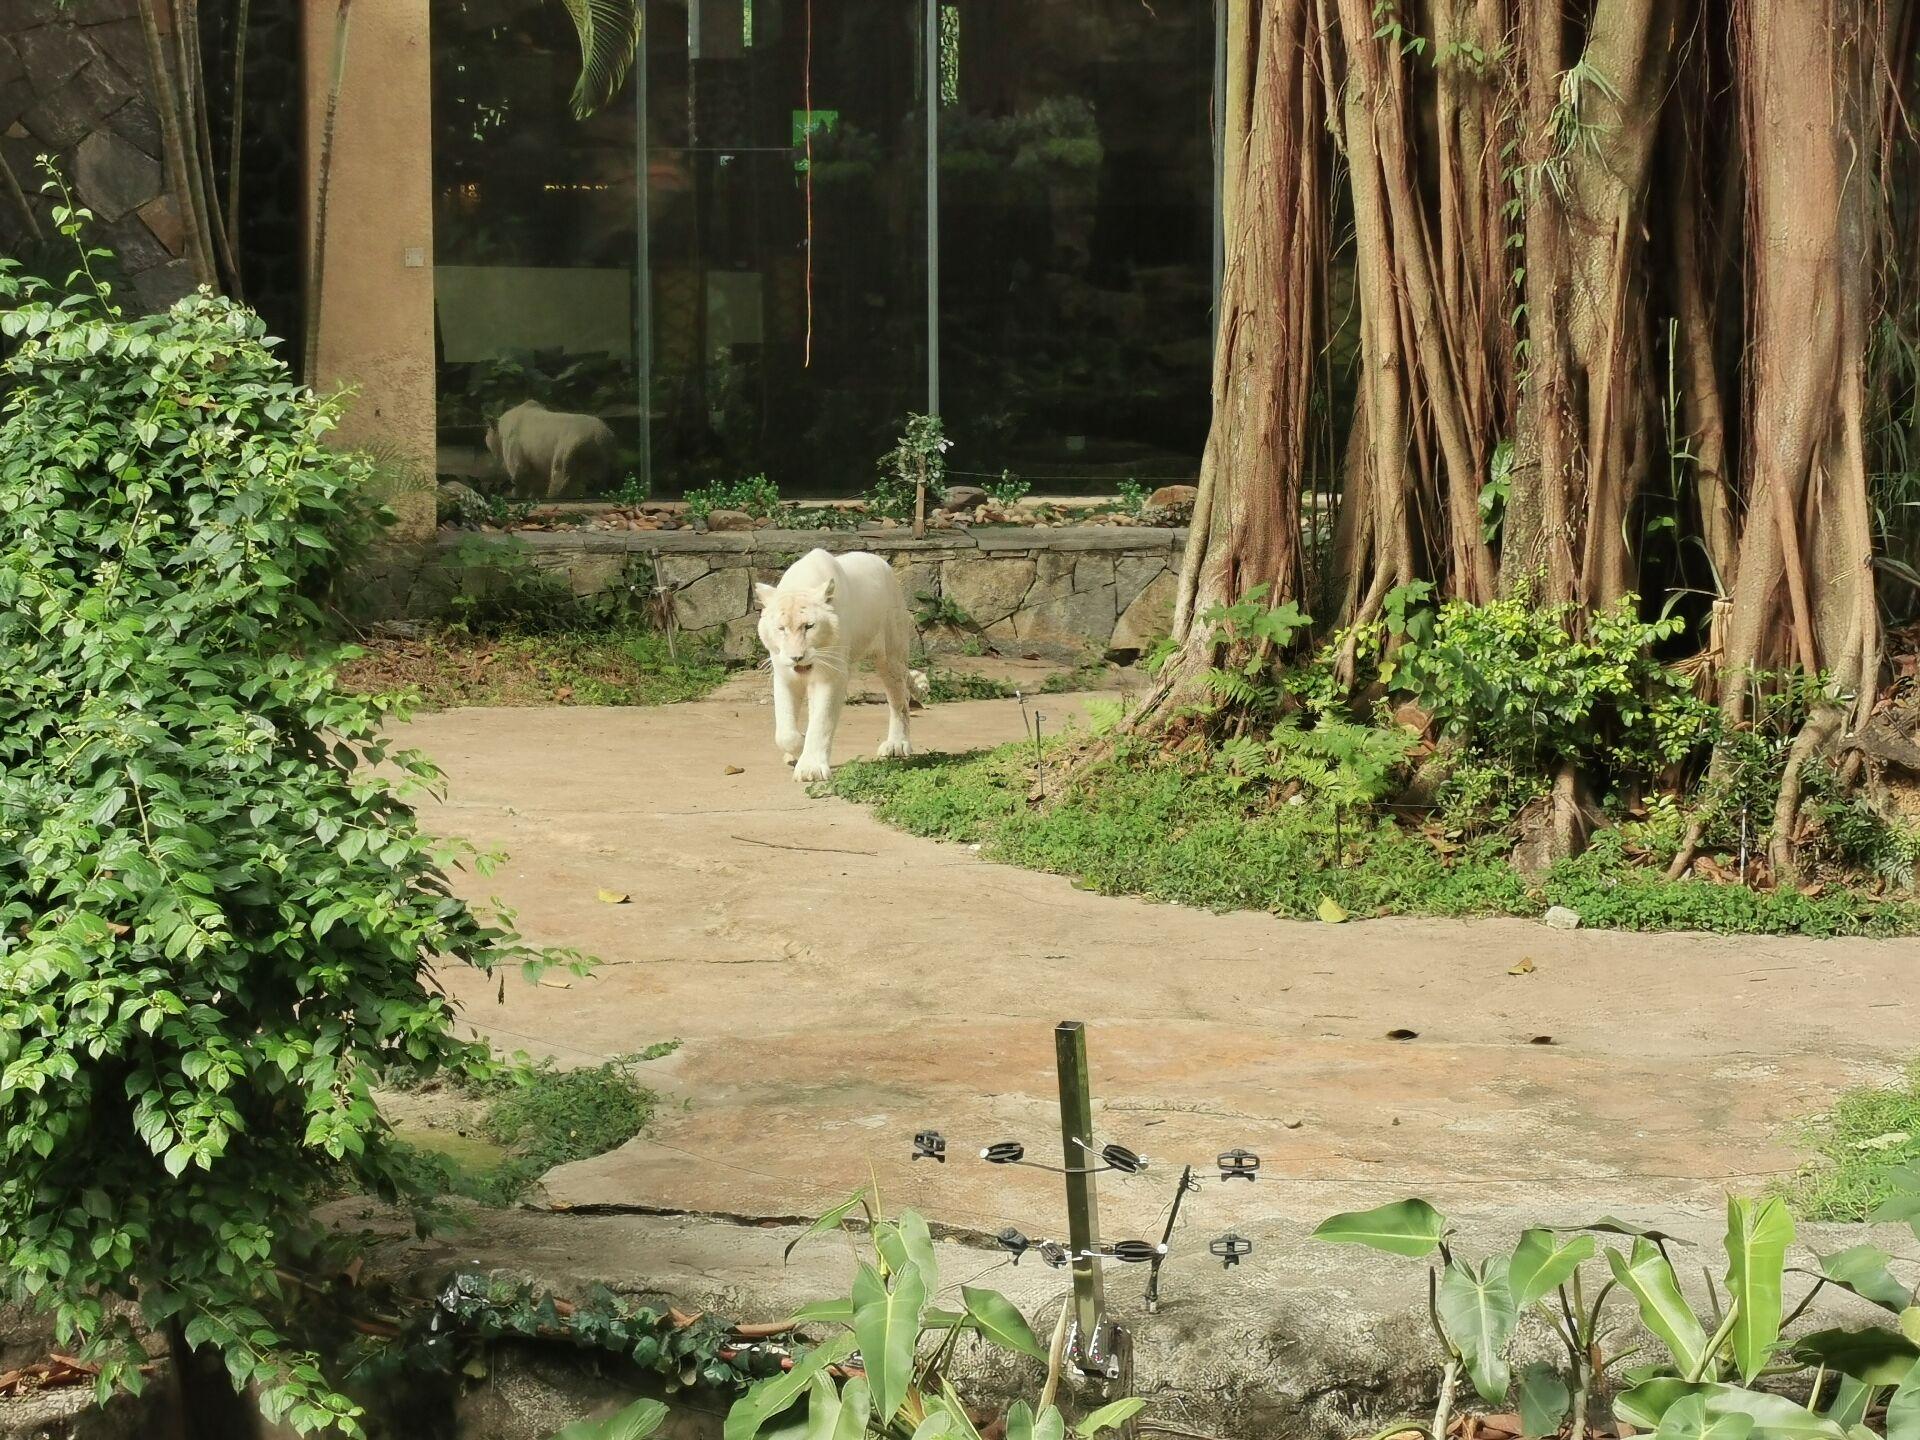 广州某宾馆的老虎16.jpg